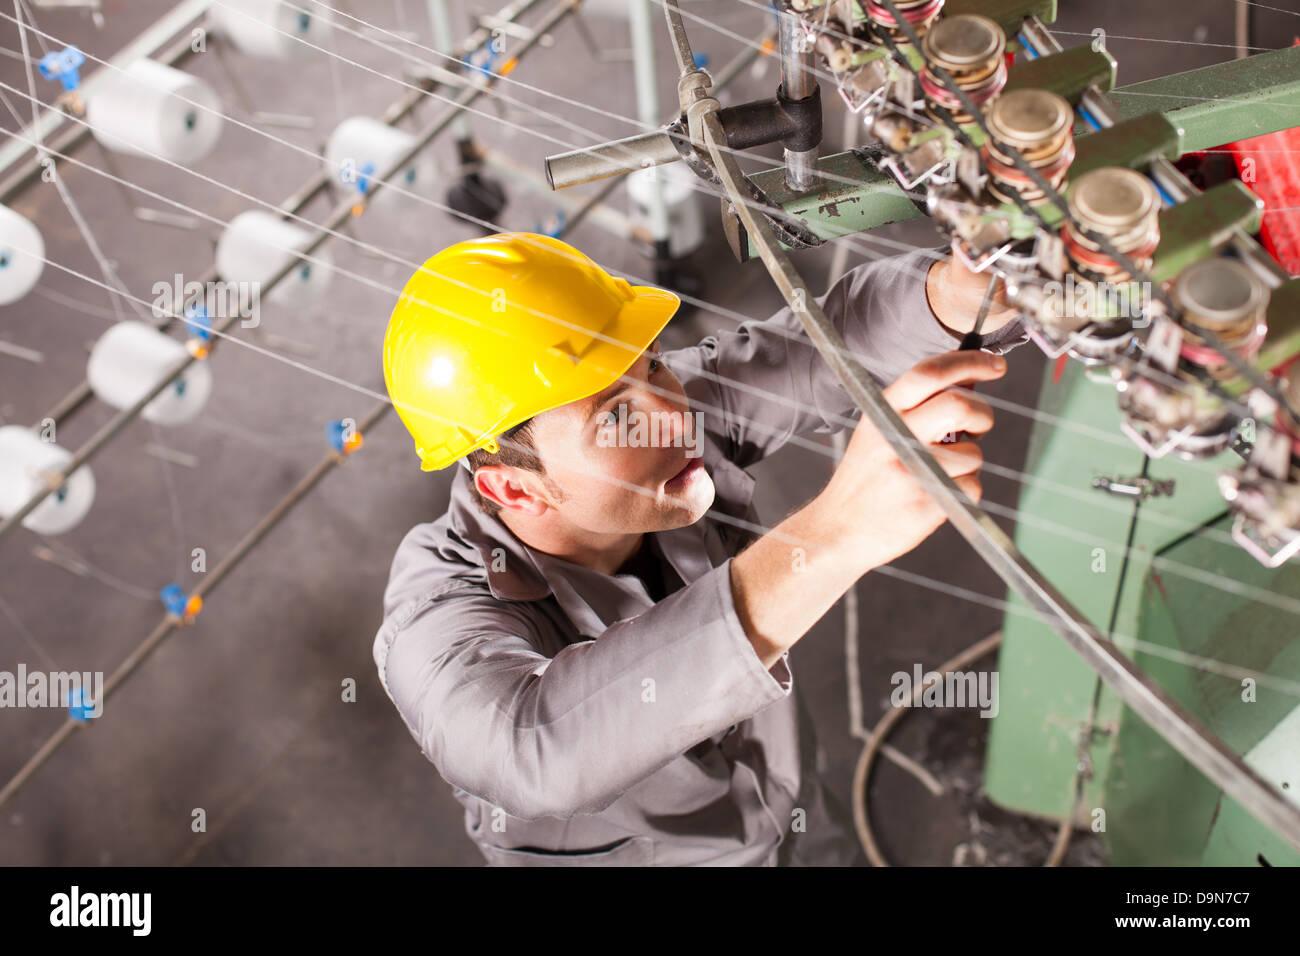 Empresa textil técnico reparación de máquinas de tejer Imagen De Stock